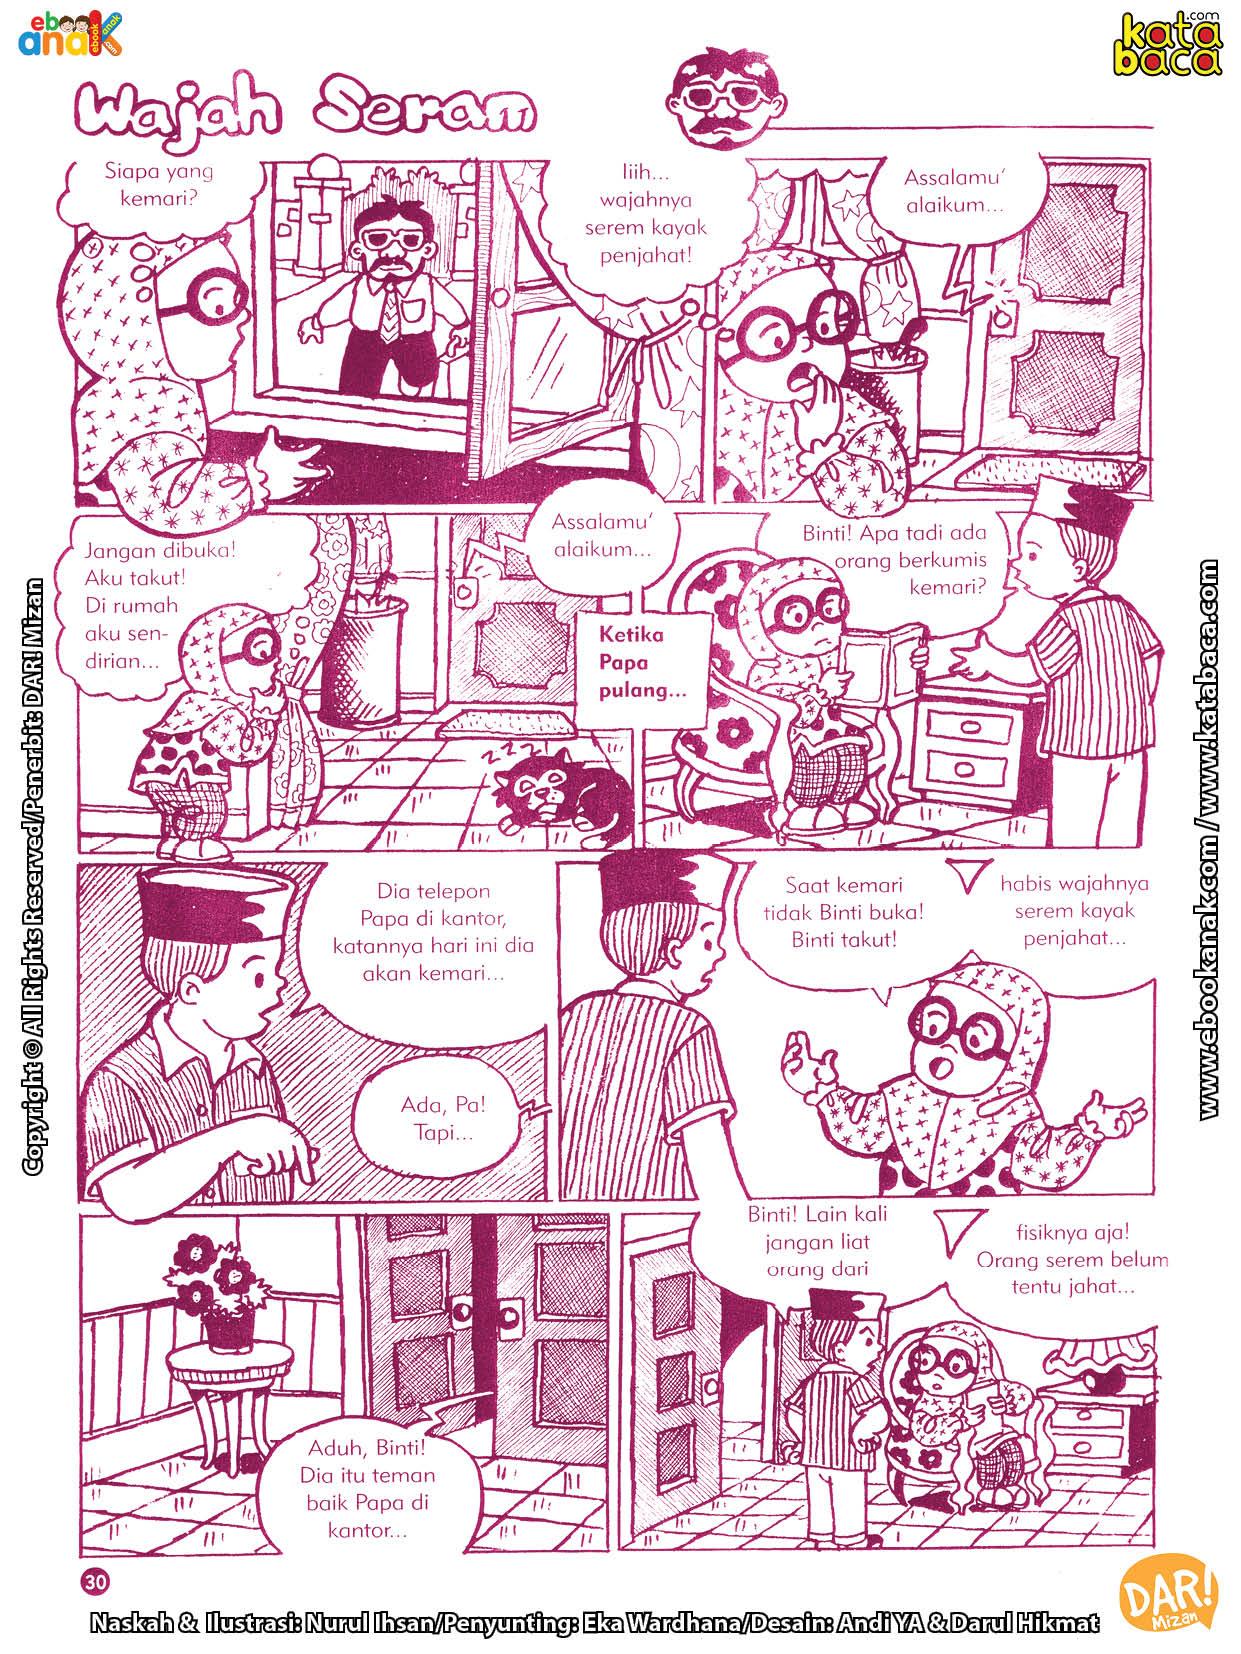 baca buku online komik ibadah centil centil cerdas, siapa orang seram yang bertamu ke rumah binti